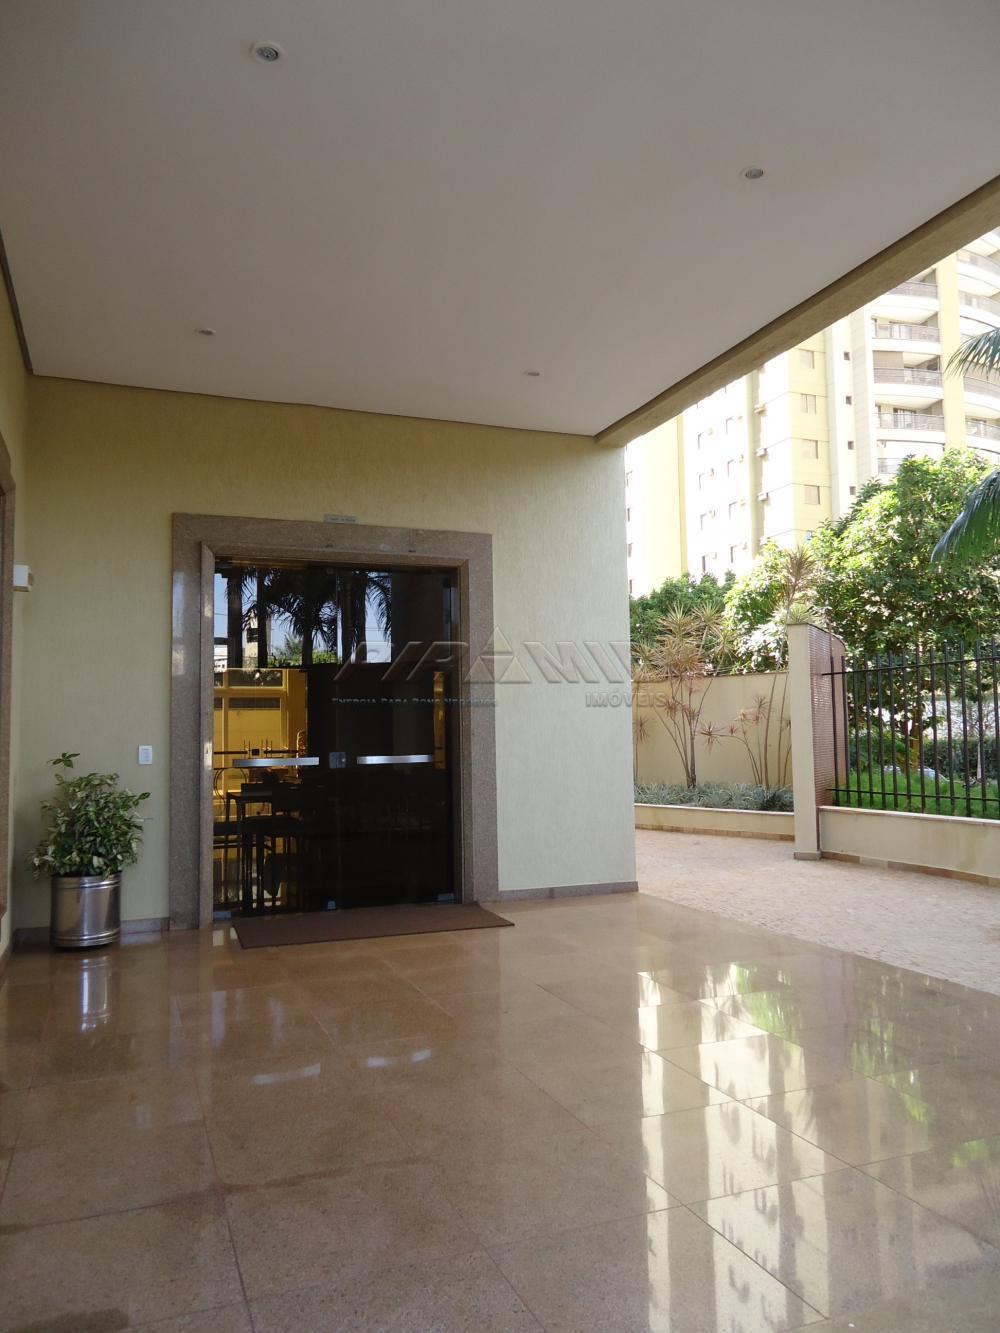 Alugar Apartamento / Padrão em Ribeirão Preto R$ 4.500,00 - Foto 54